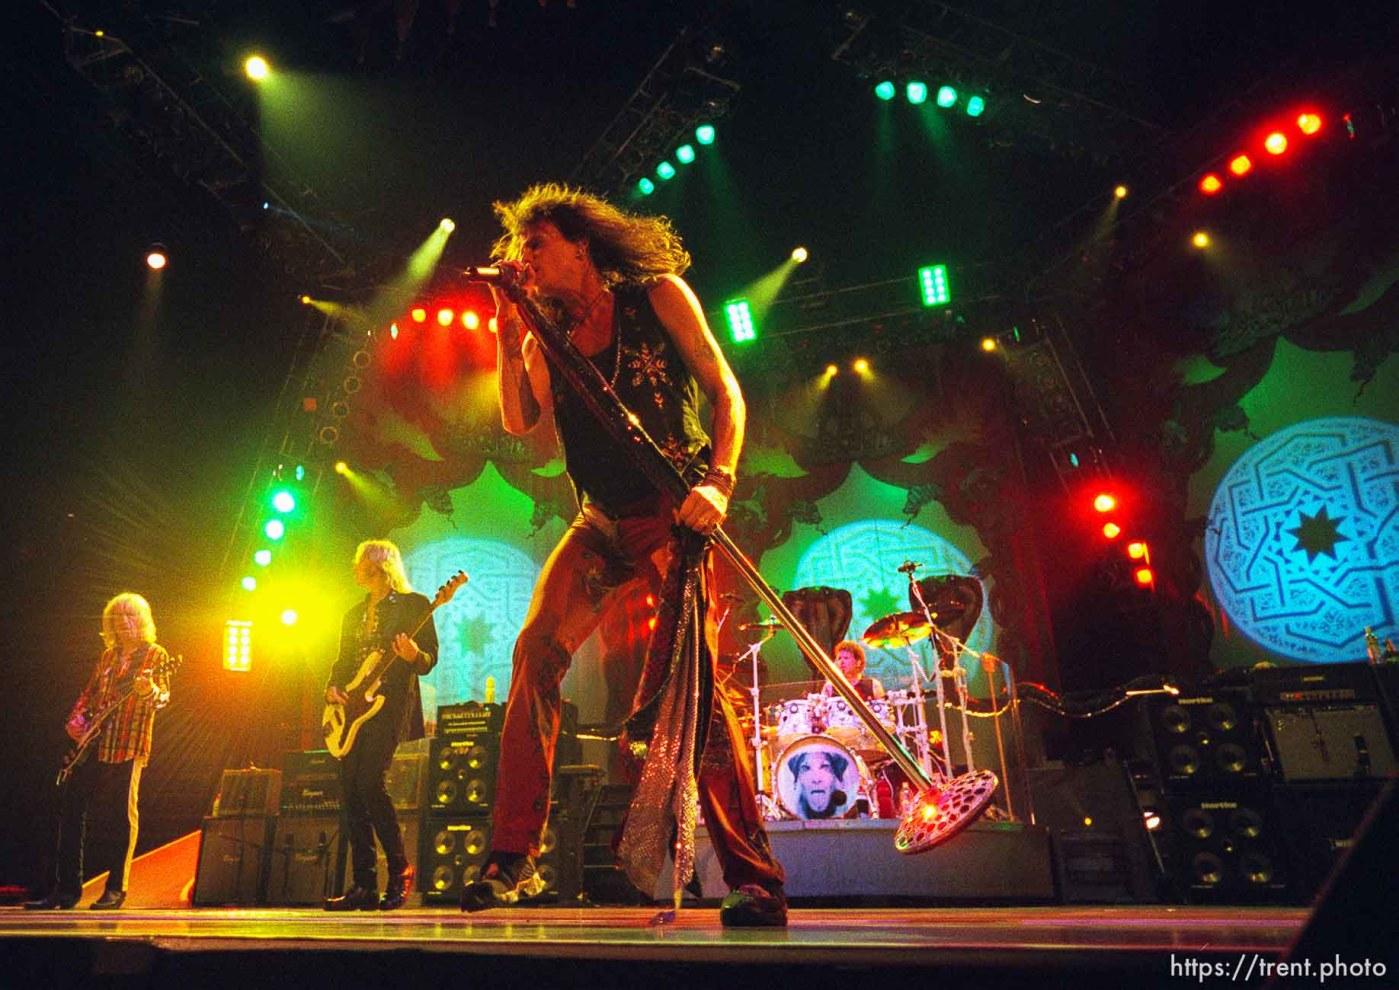 Aerosmith at the Delta Center.